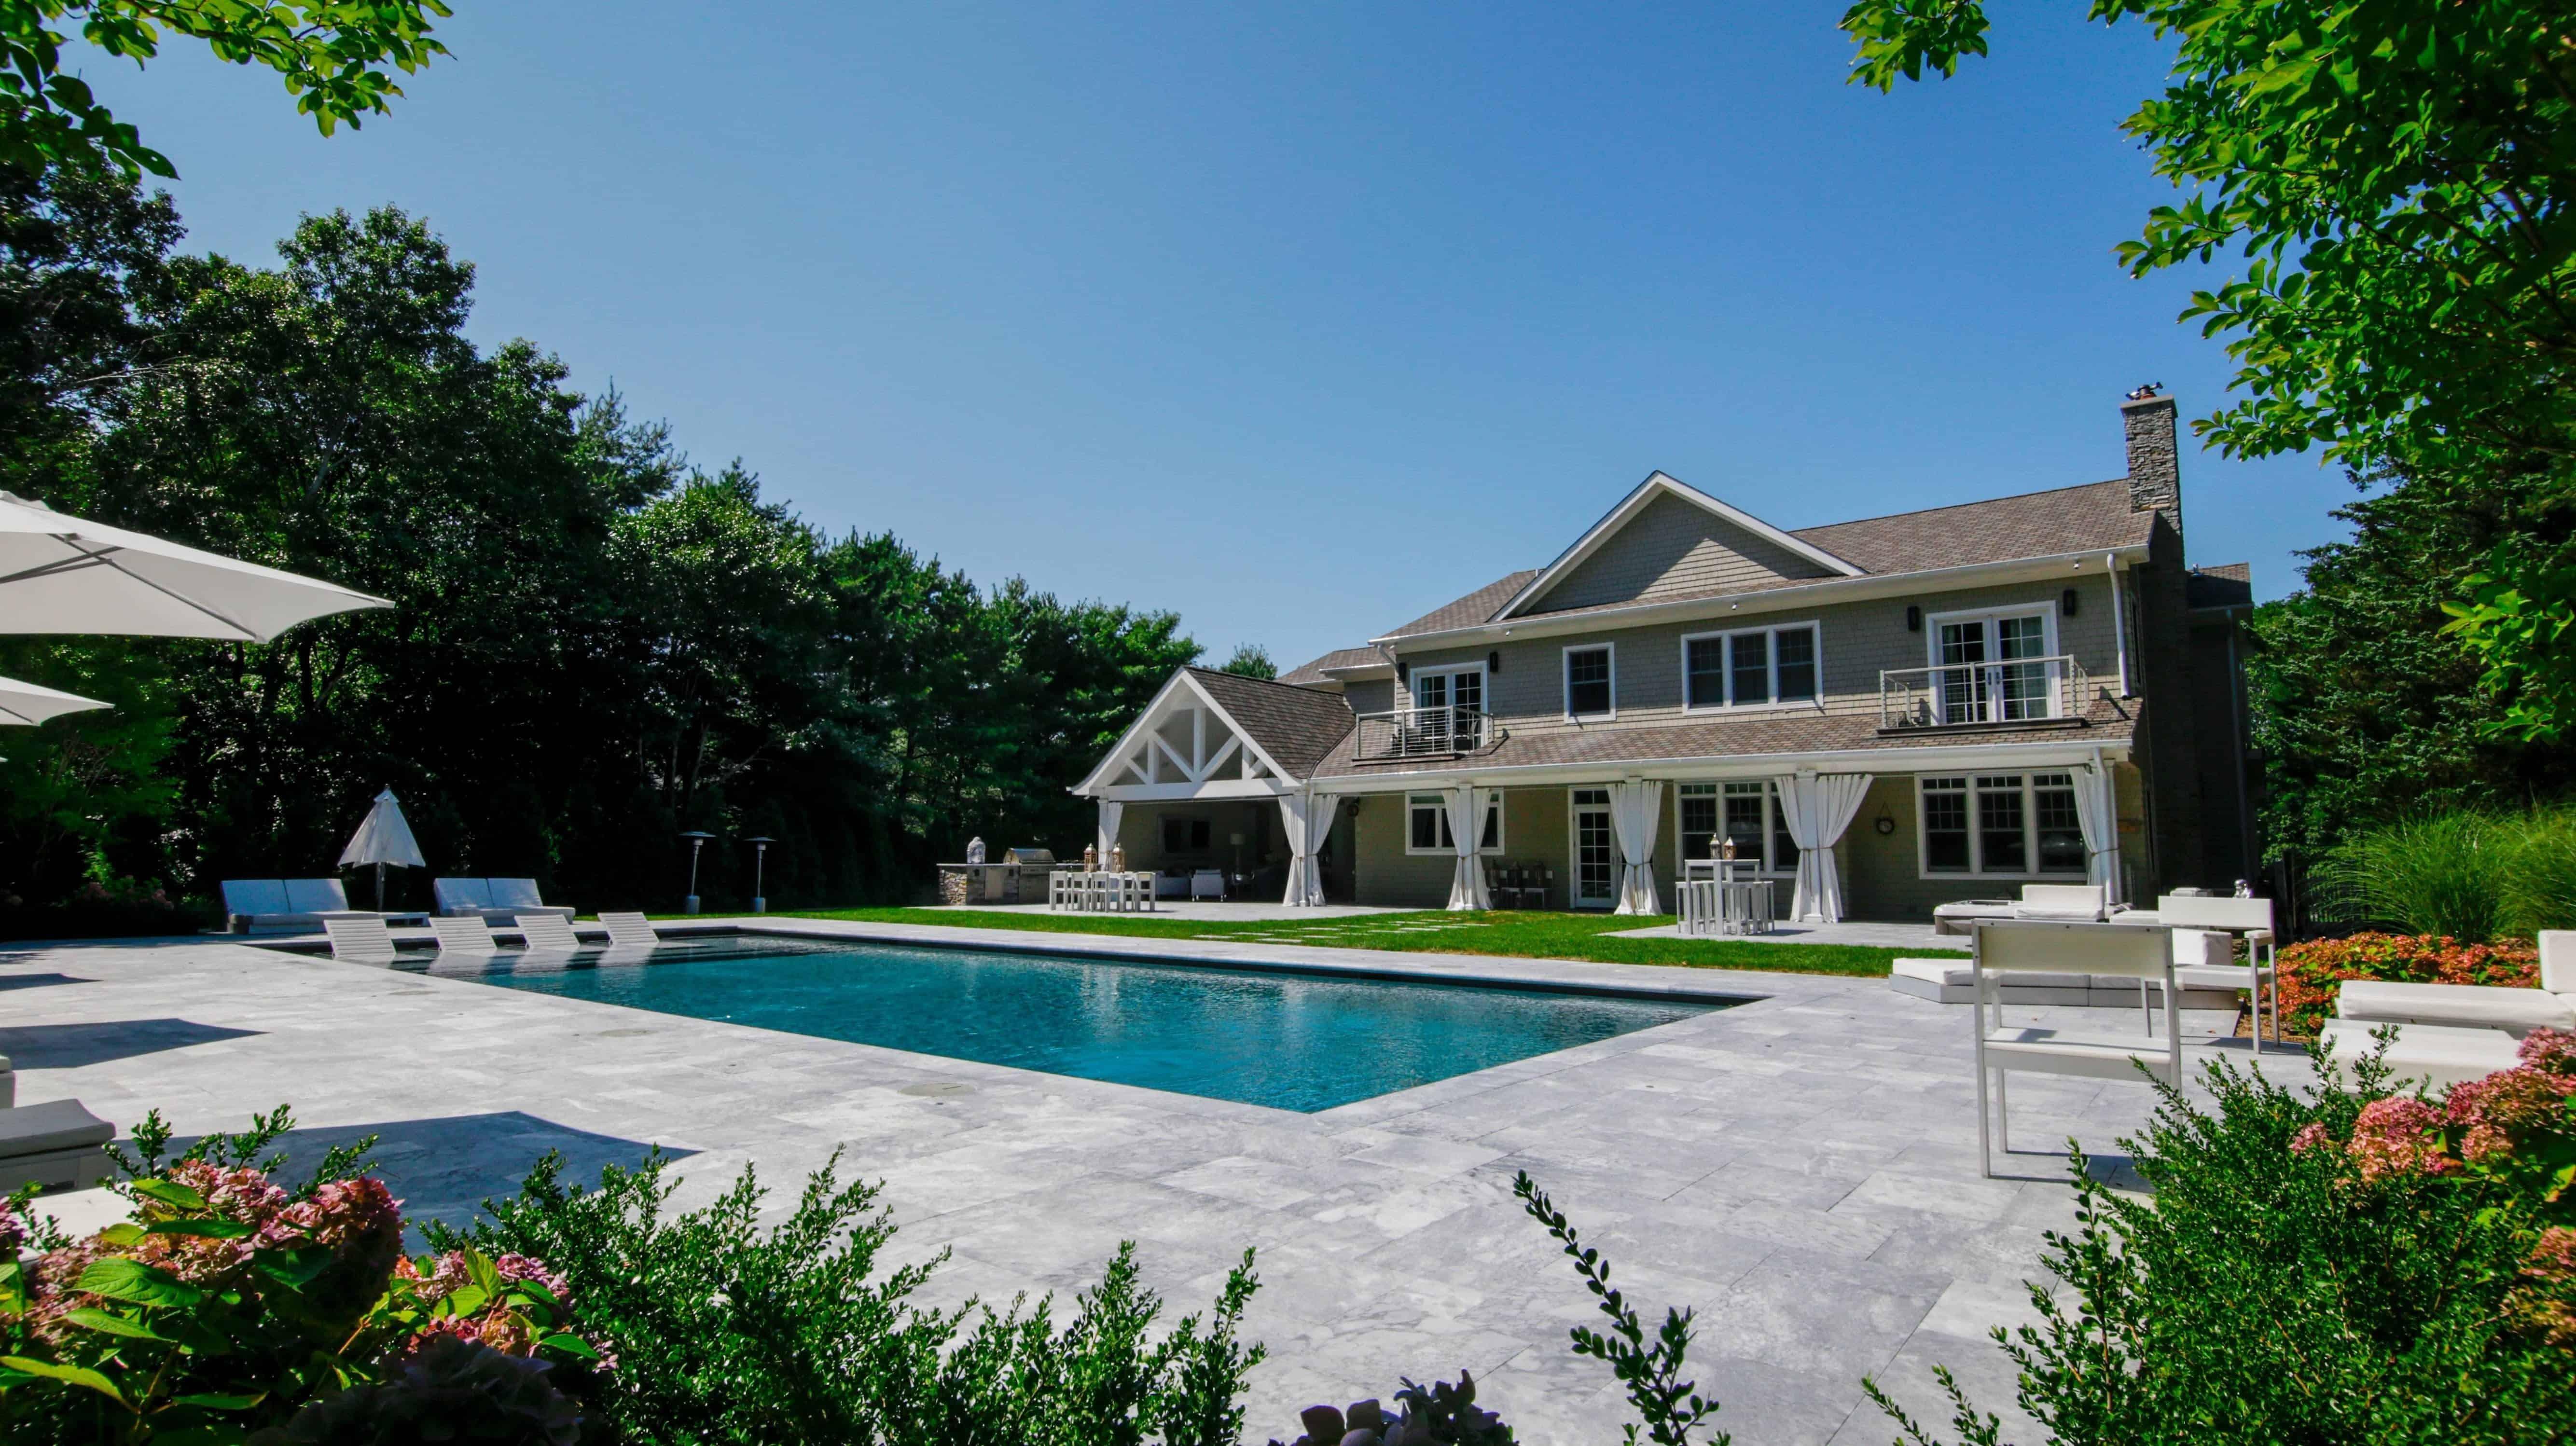 20' x 50' Gunite Pool with Sun Deck and Jandy Laminar Jets - Sag Harbor, Long Island NY